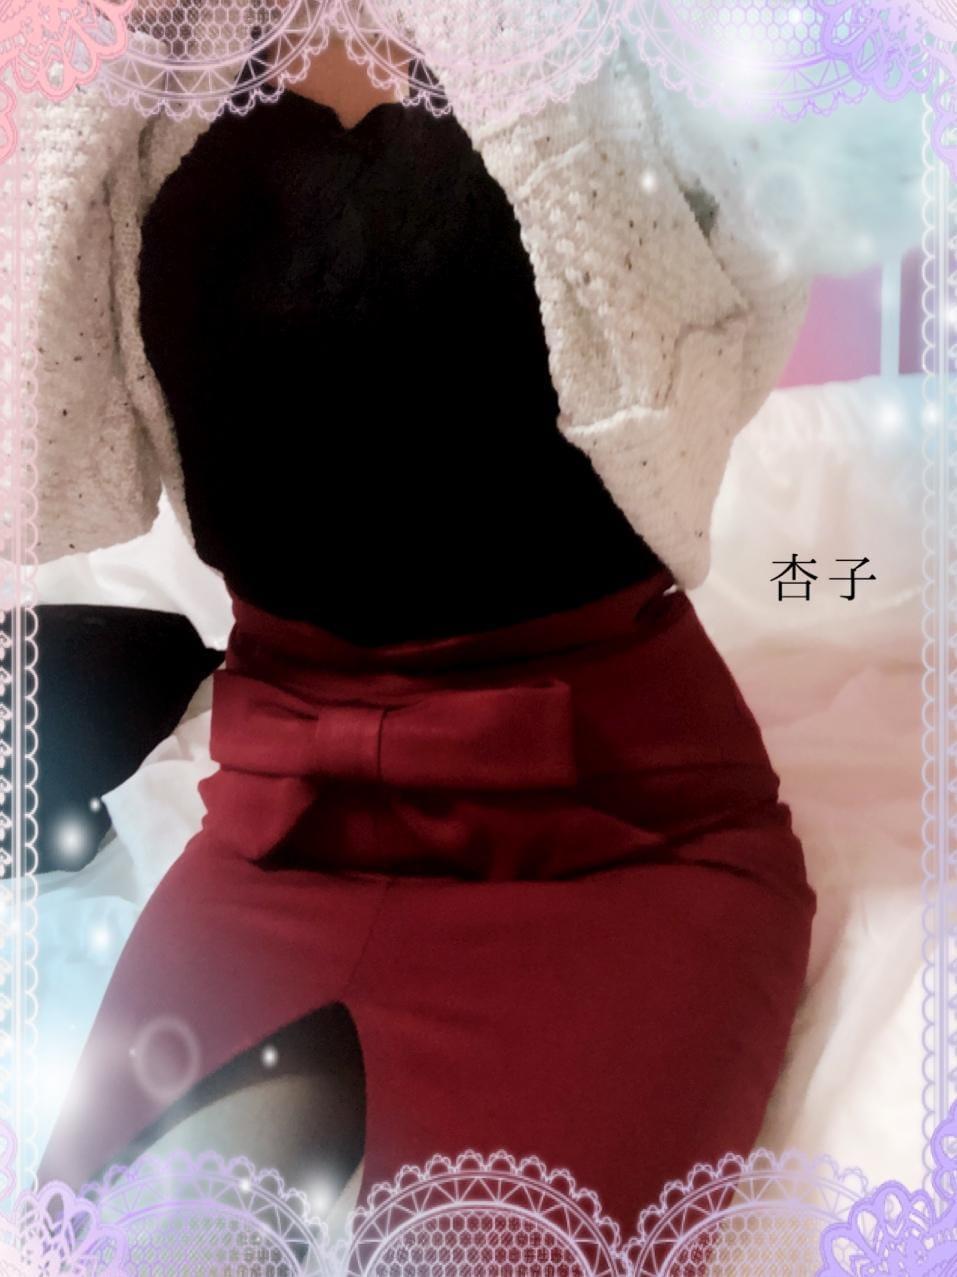 「また週末に…」01/20(日) 22:08 | 杏子/きょうこの写メ・風俗動画